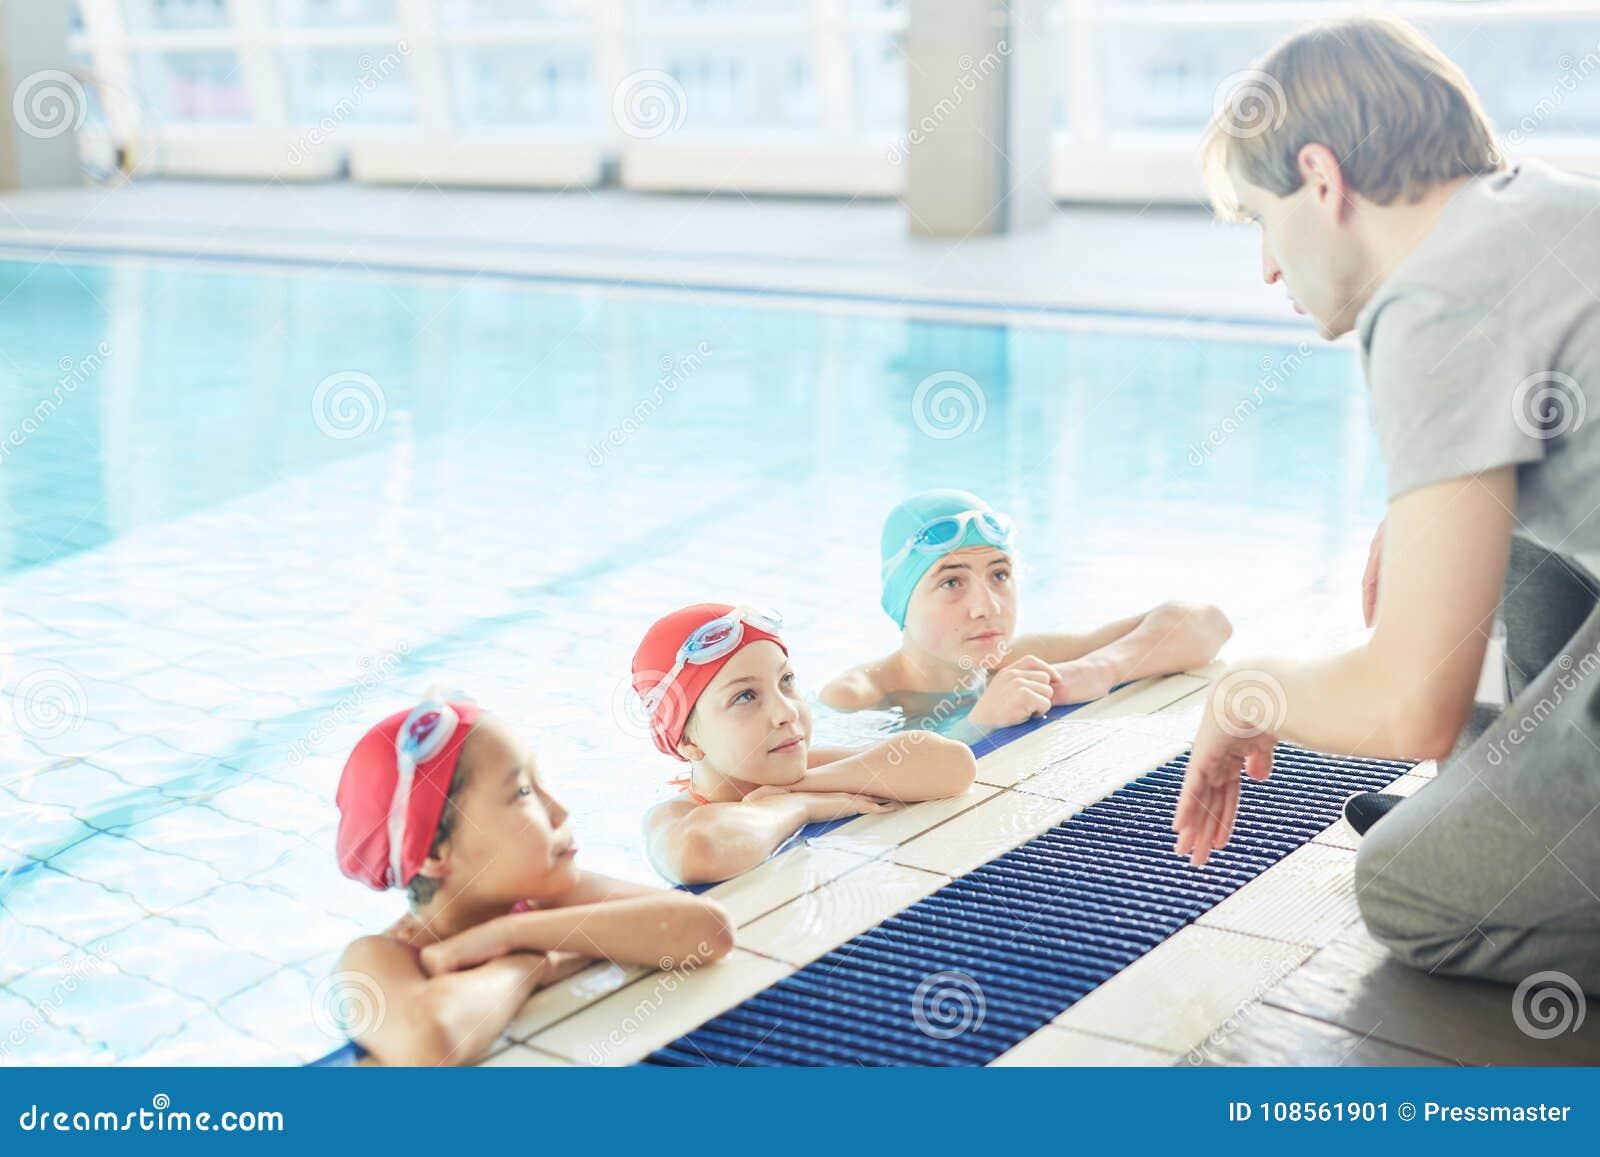 Lezione di nuoto